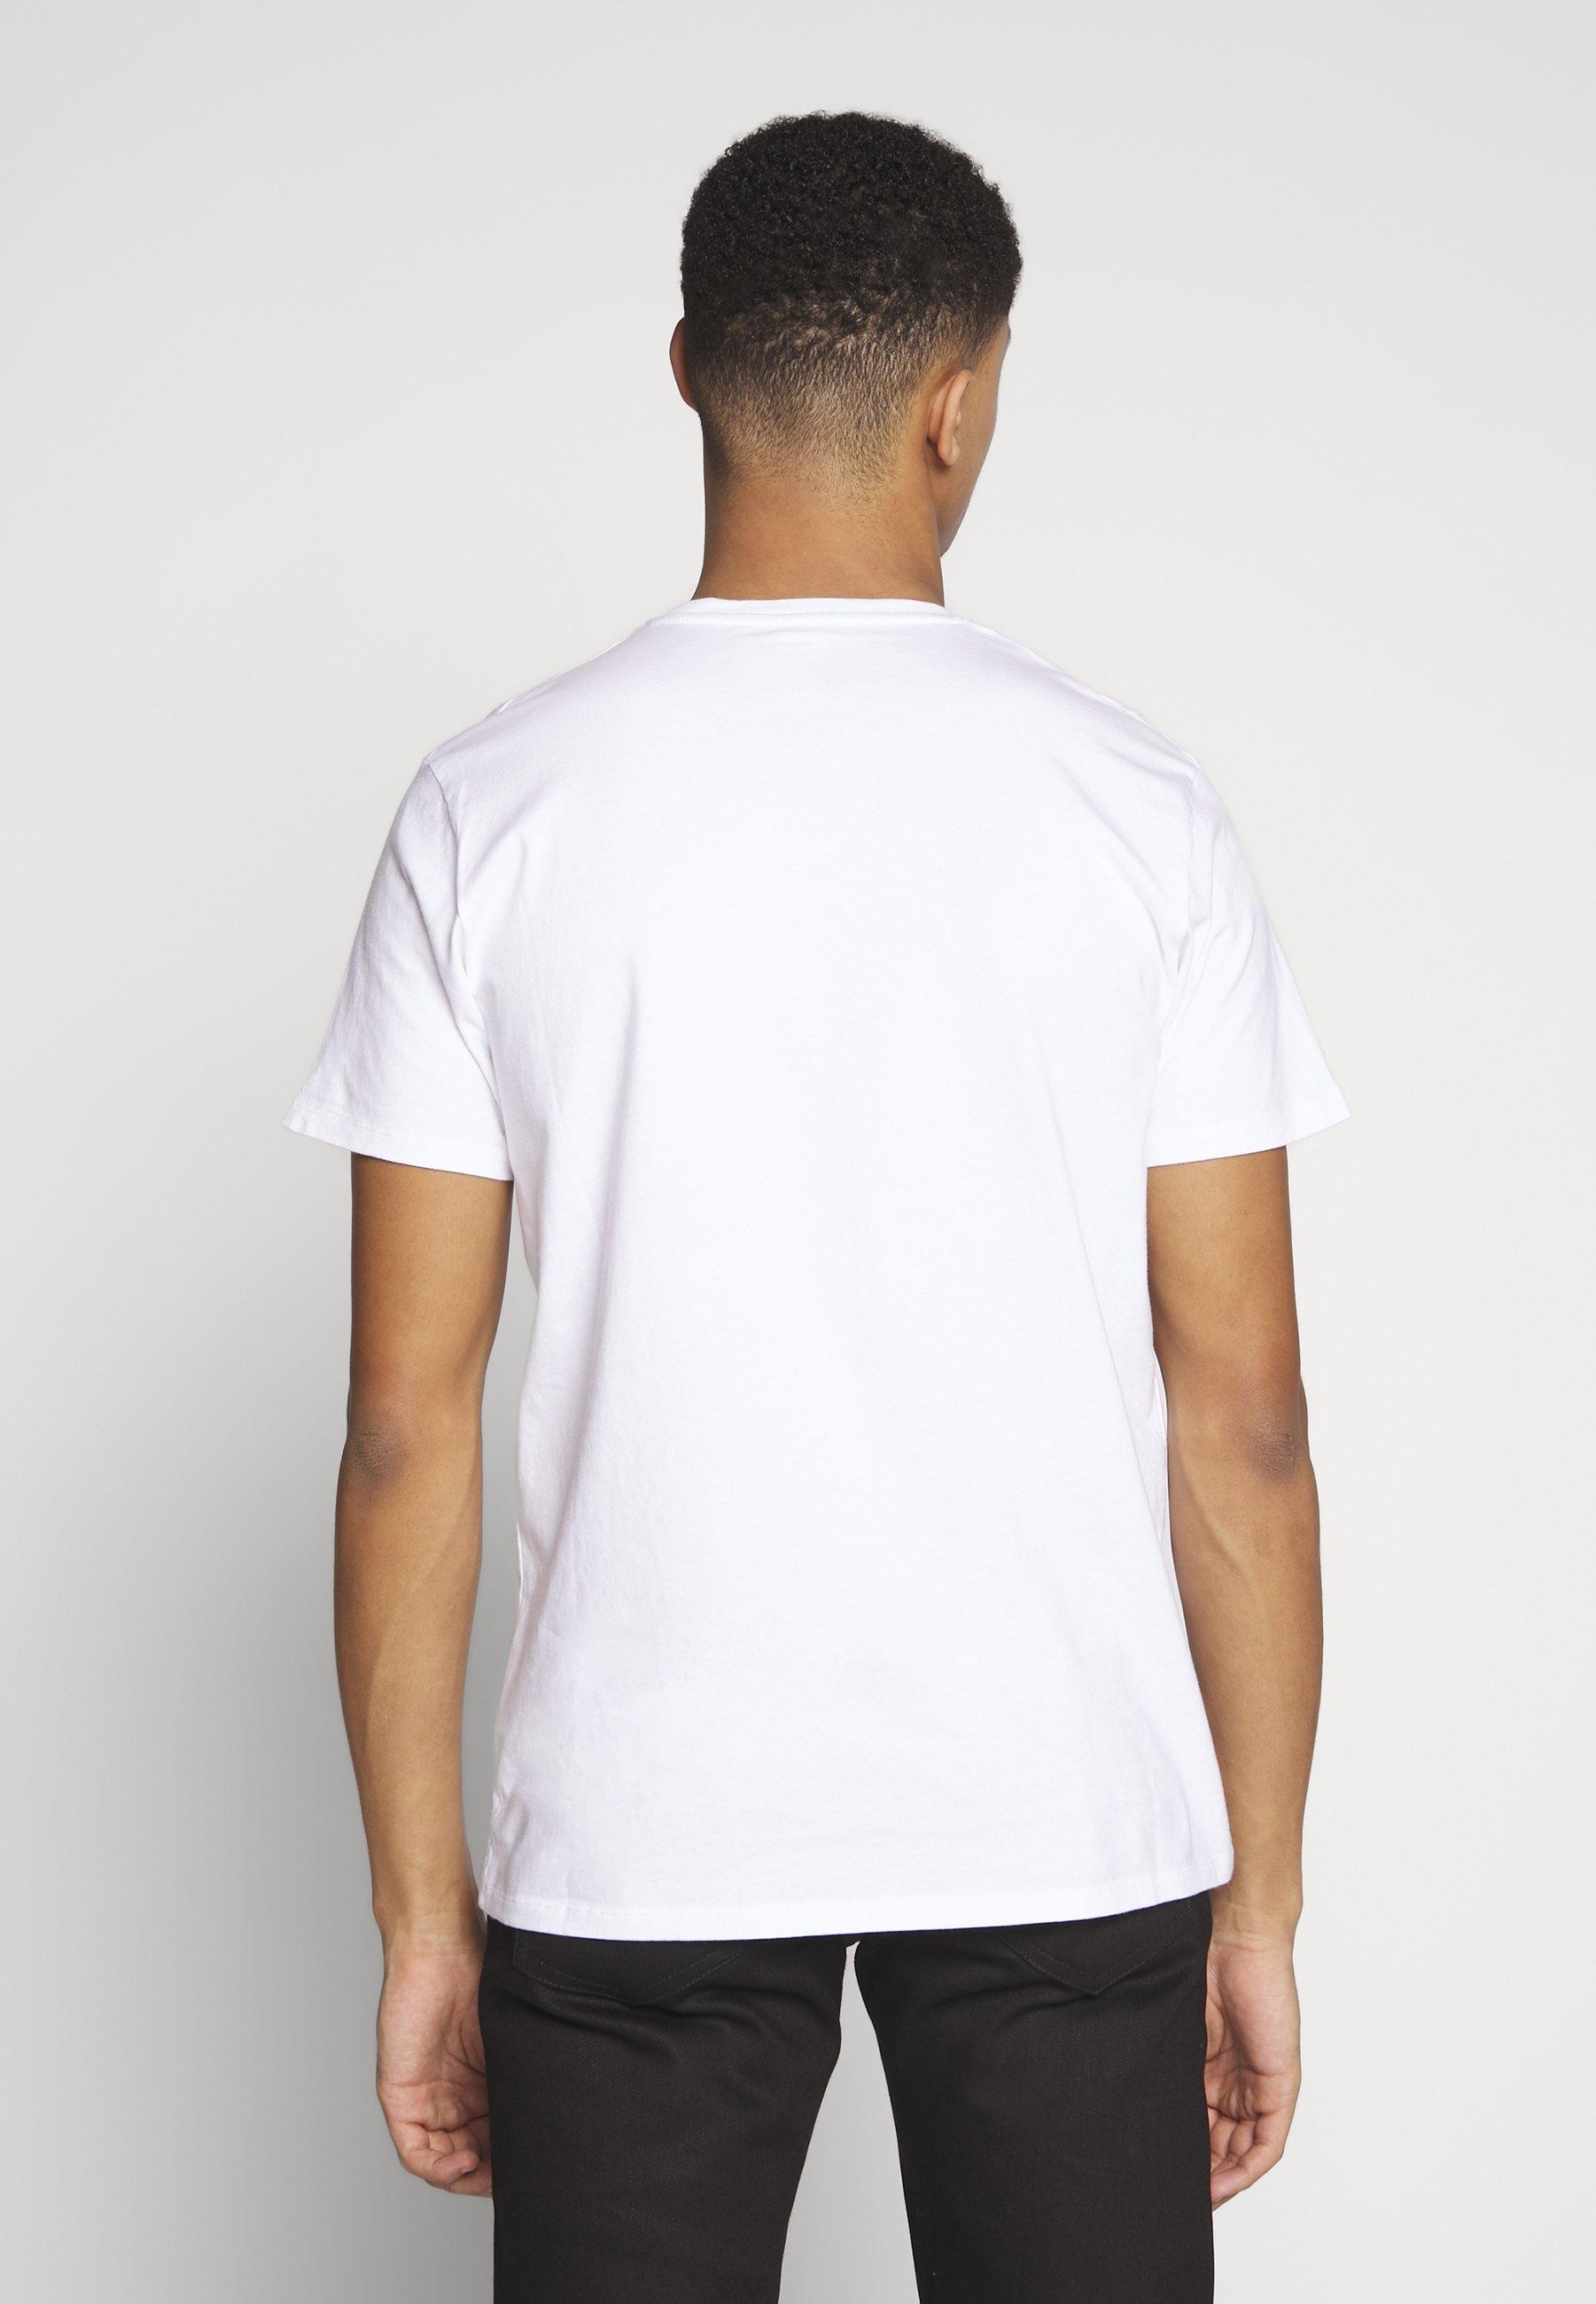 Edwin Awoke - T-shirt Imprimé White